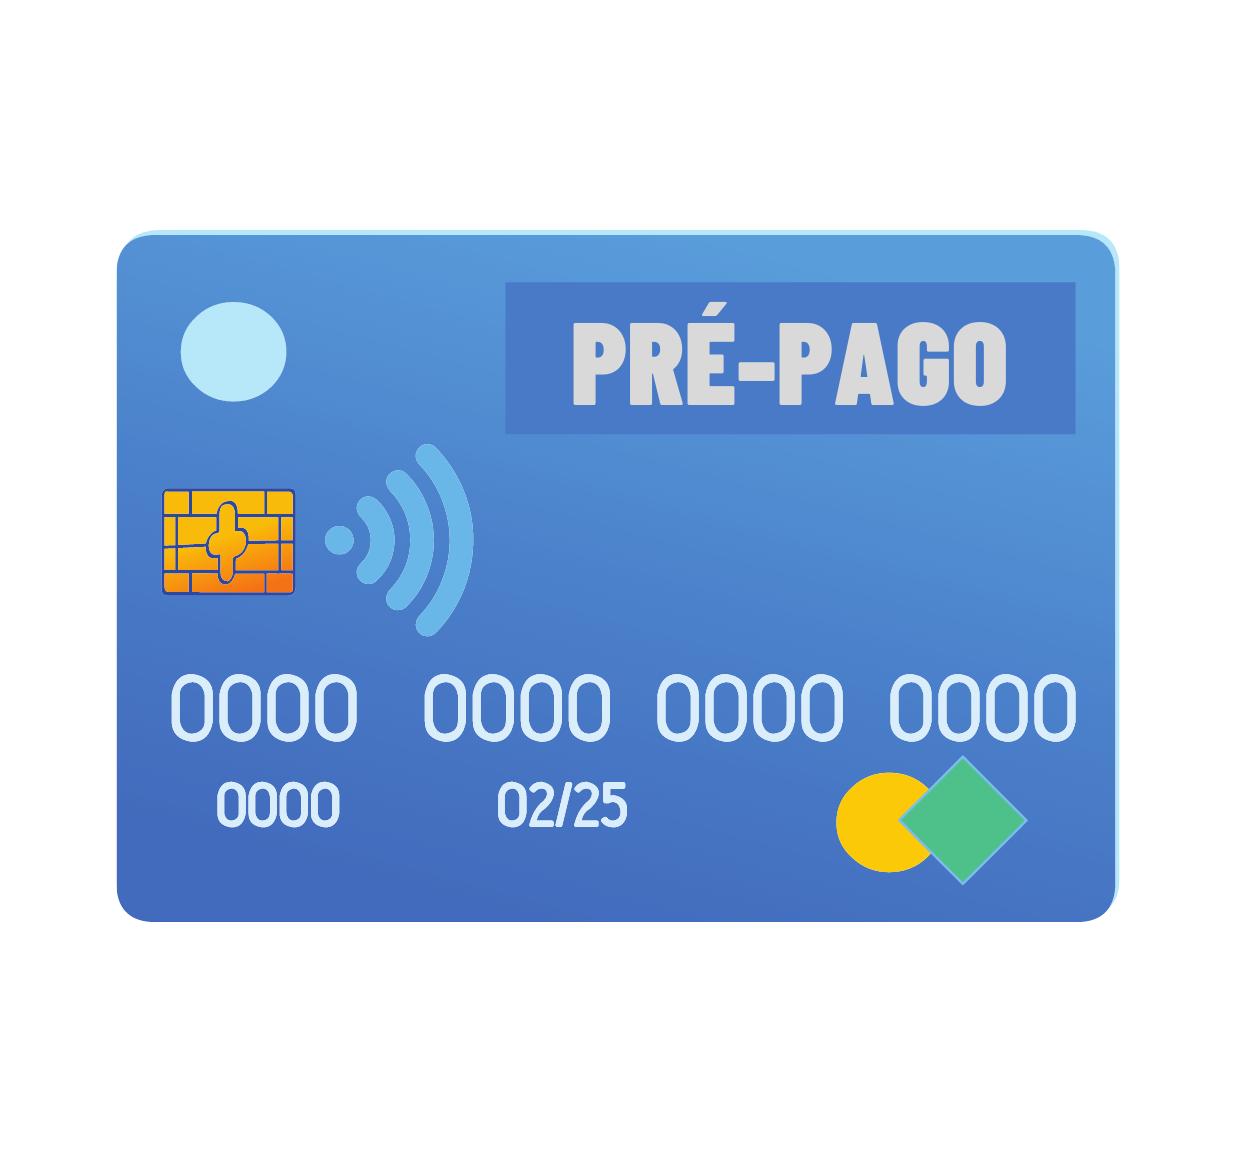 Conheça cartão pré-pago